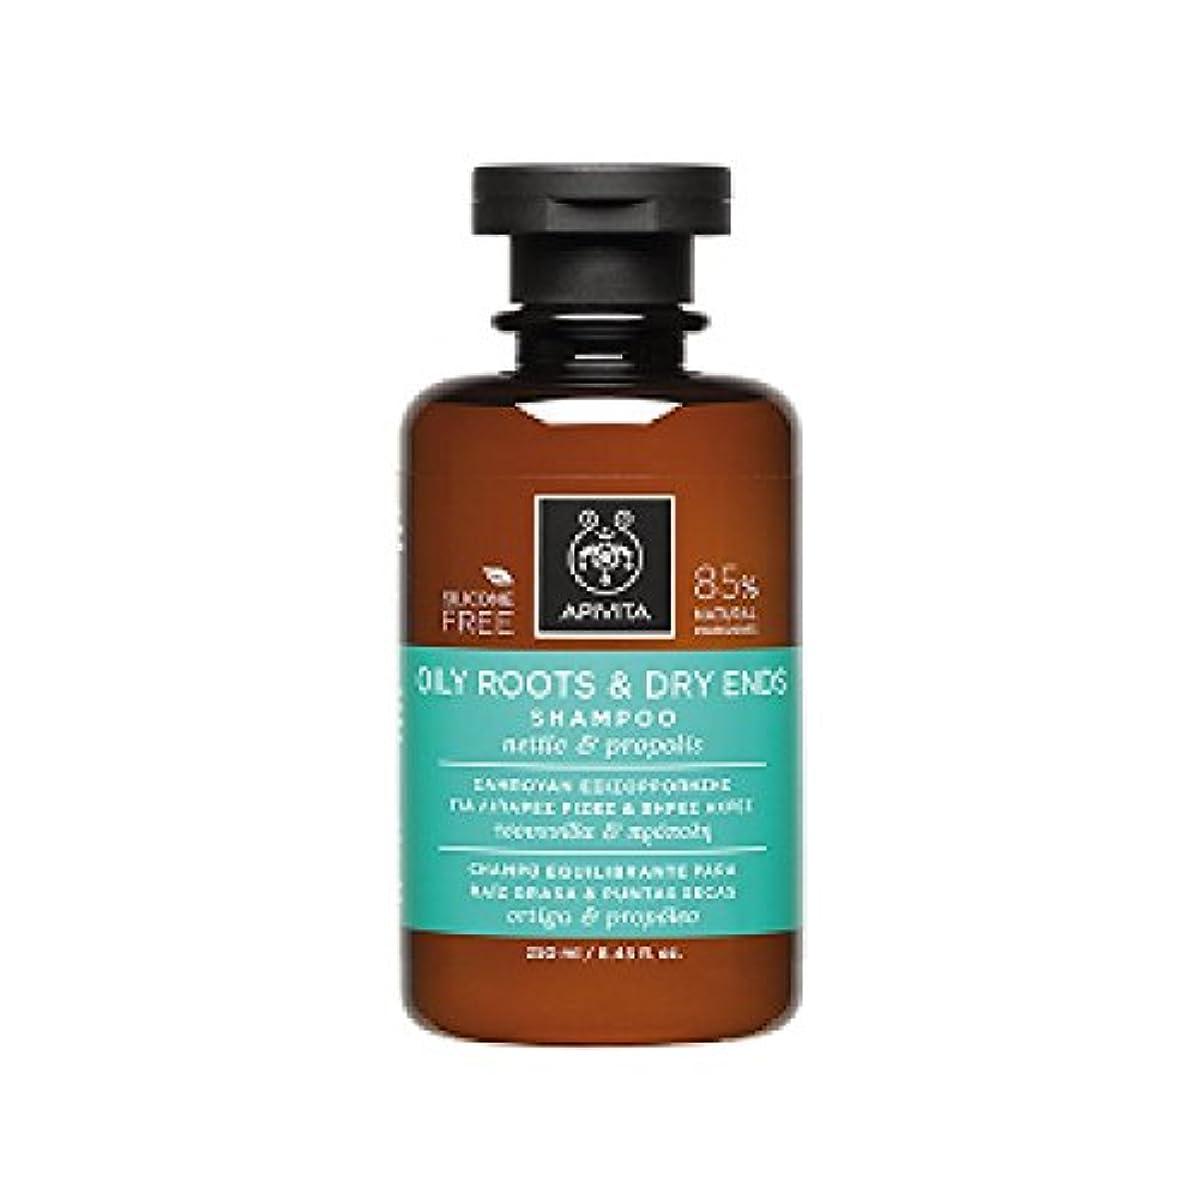 冒険者冷蔵庫副アピヴィータ Oily Roots & Dry Ends Shampoo with Nettle & Propolis (For Hair with Oily Roots and Dry Ends) 250ml [並行輸入品]